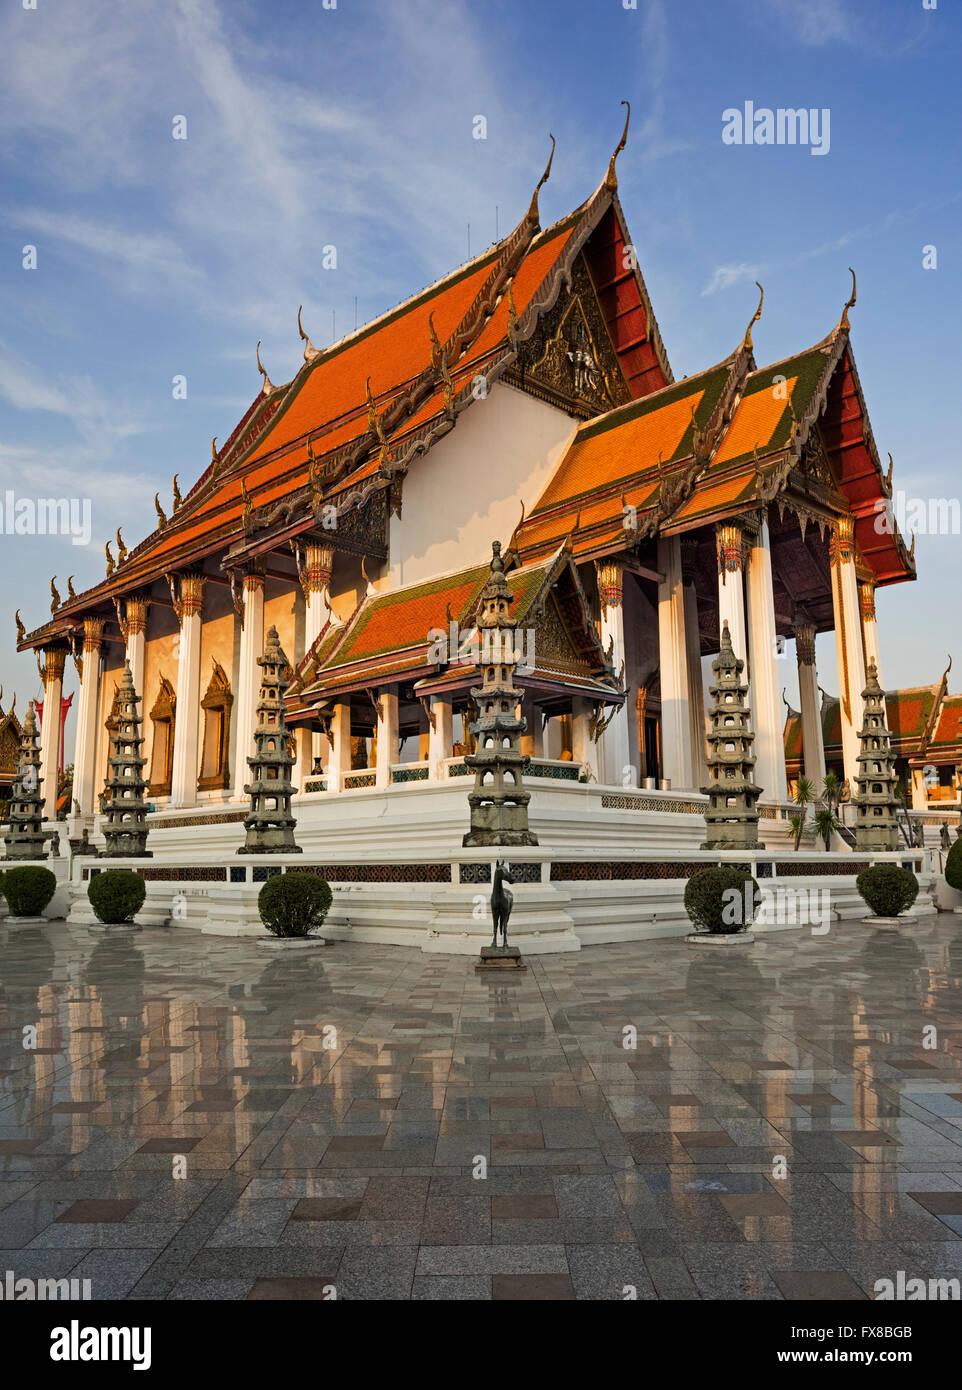 Wat Suthat Bangkok Thailand - Stock Image